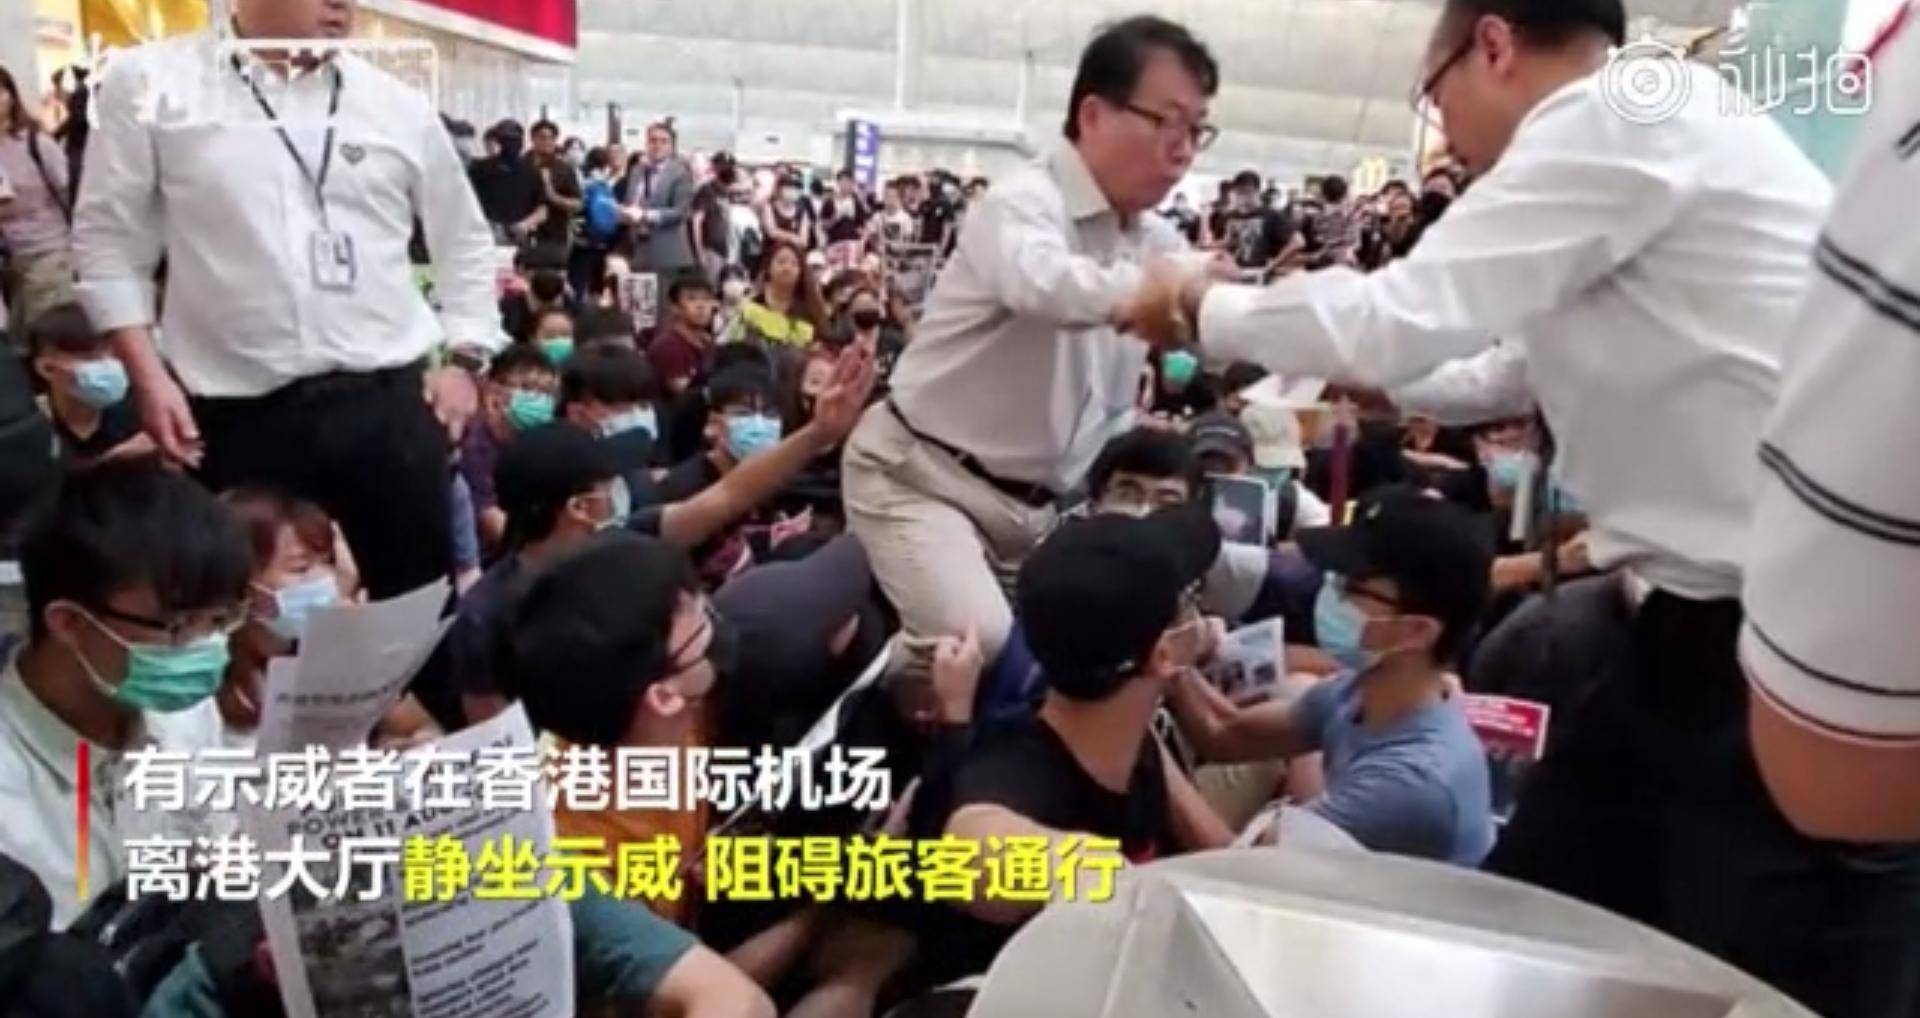 香港警方:对机场示威者严重暴力行为予以极严厉谴责 已拘捕5名男子